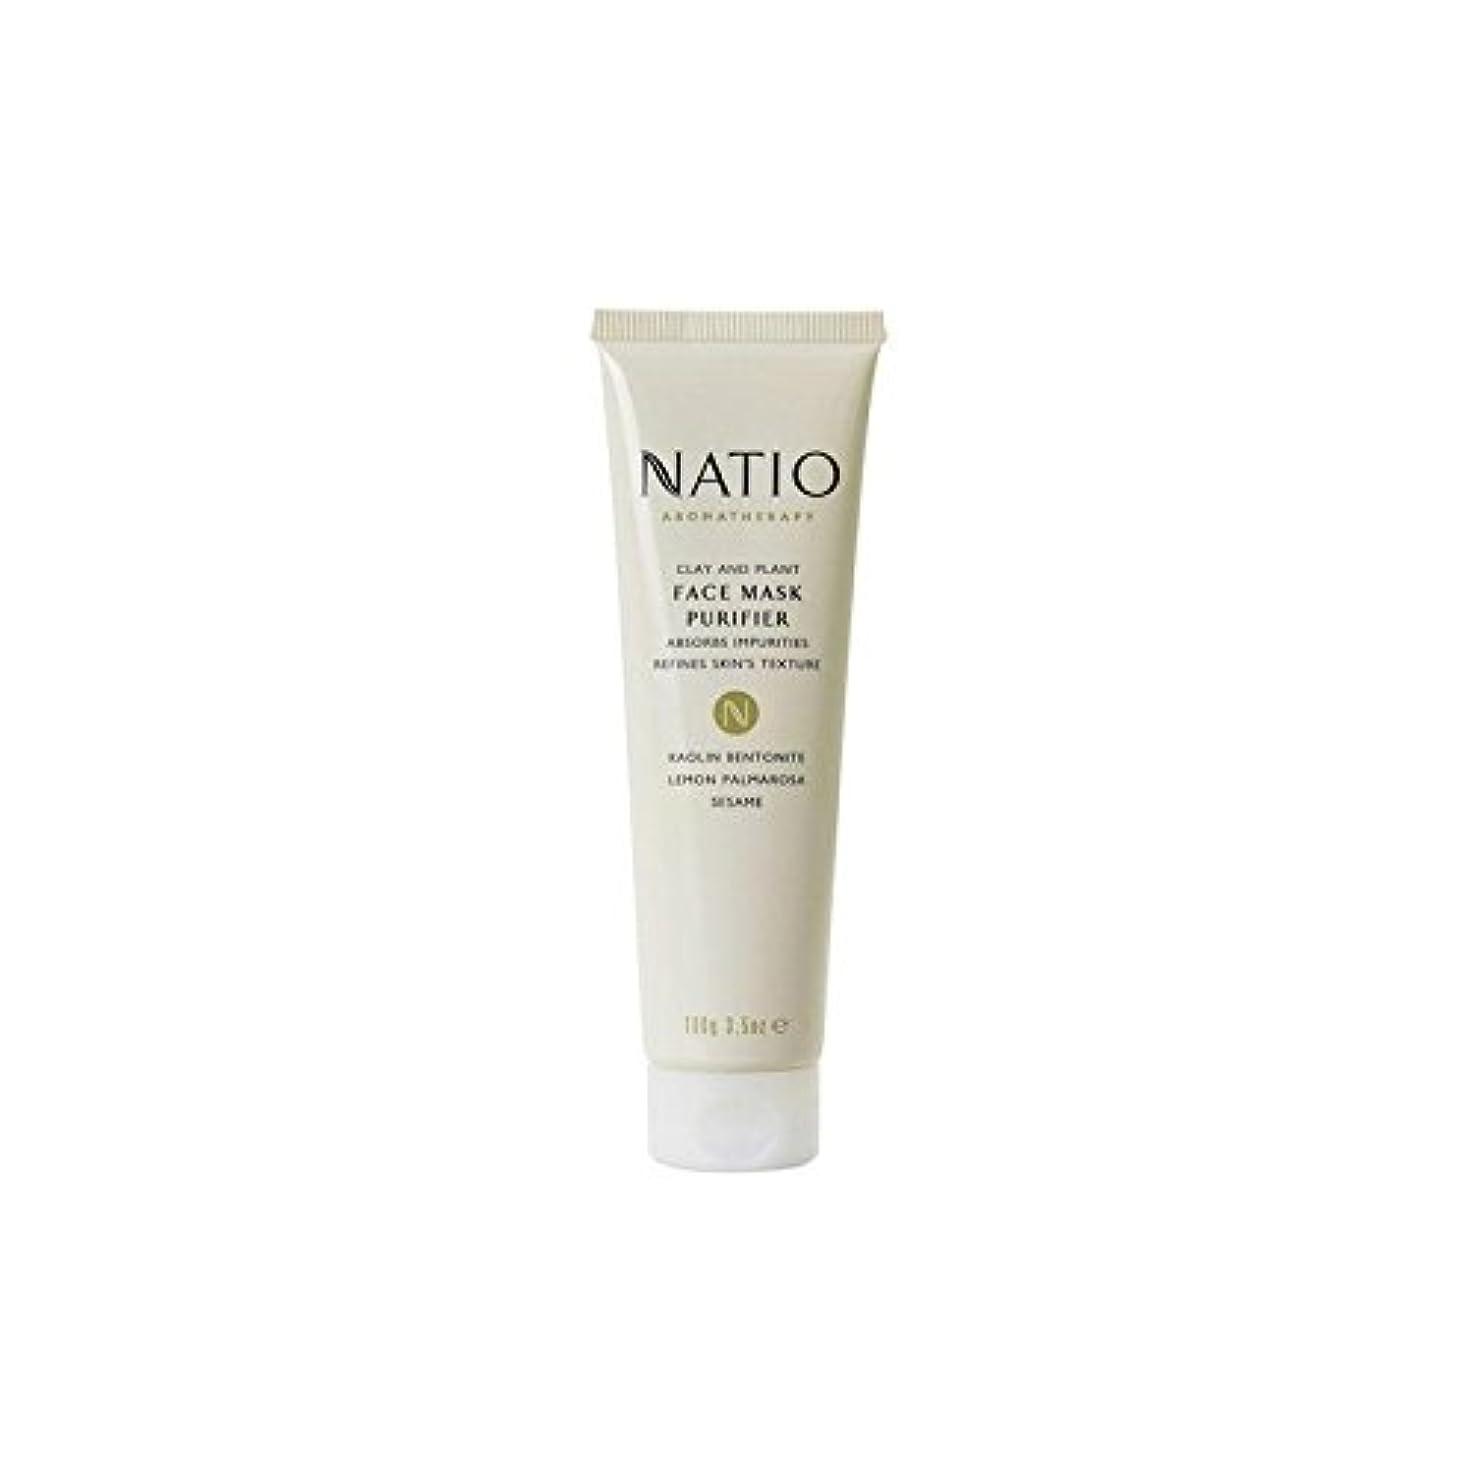 ドアミラー抽出土器粘土&植物フェイスマスクの浄化(100グラム) x4 - Natio Clay & Plant Face Mask Purifier (100G) (Pack of 4) [並行輸入品]